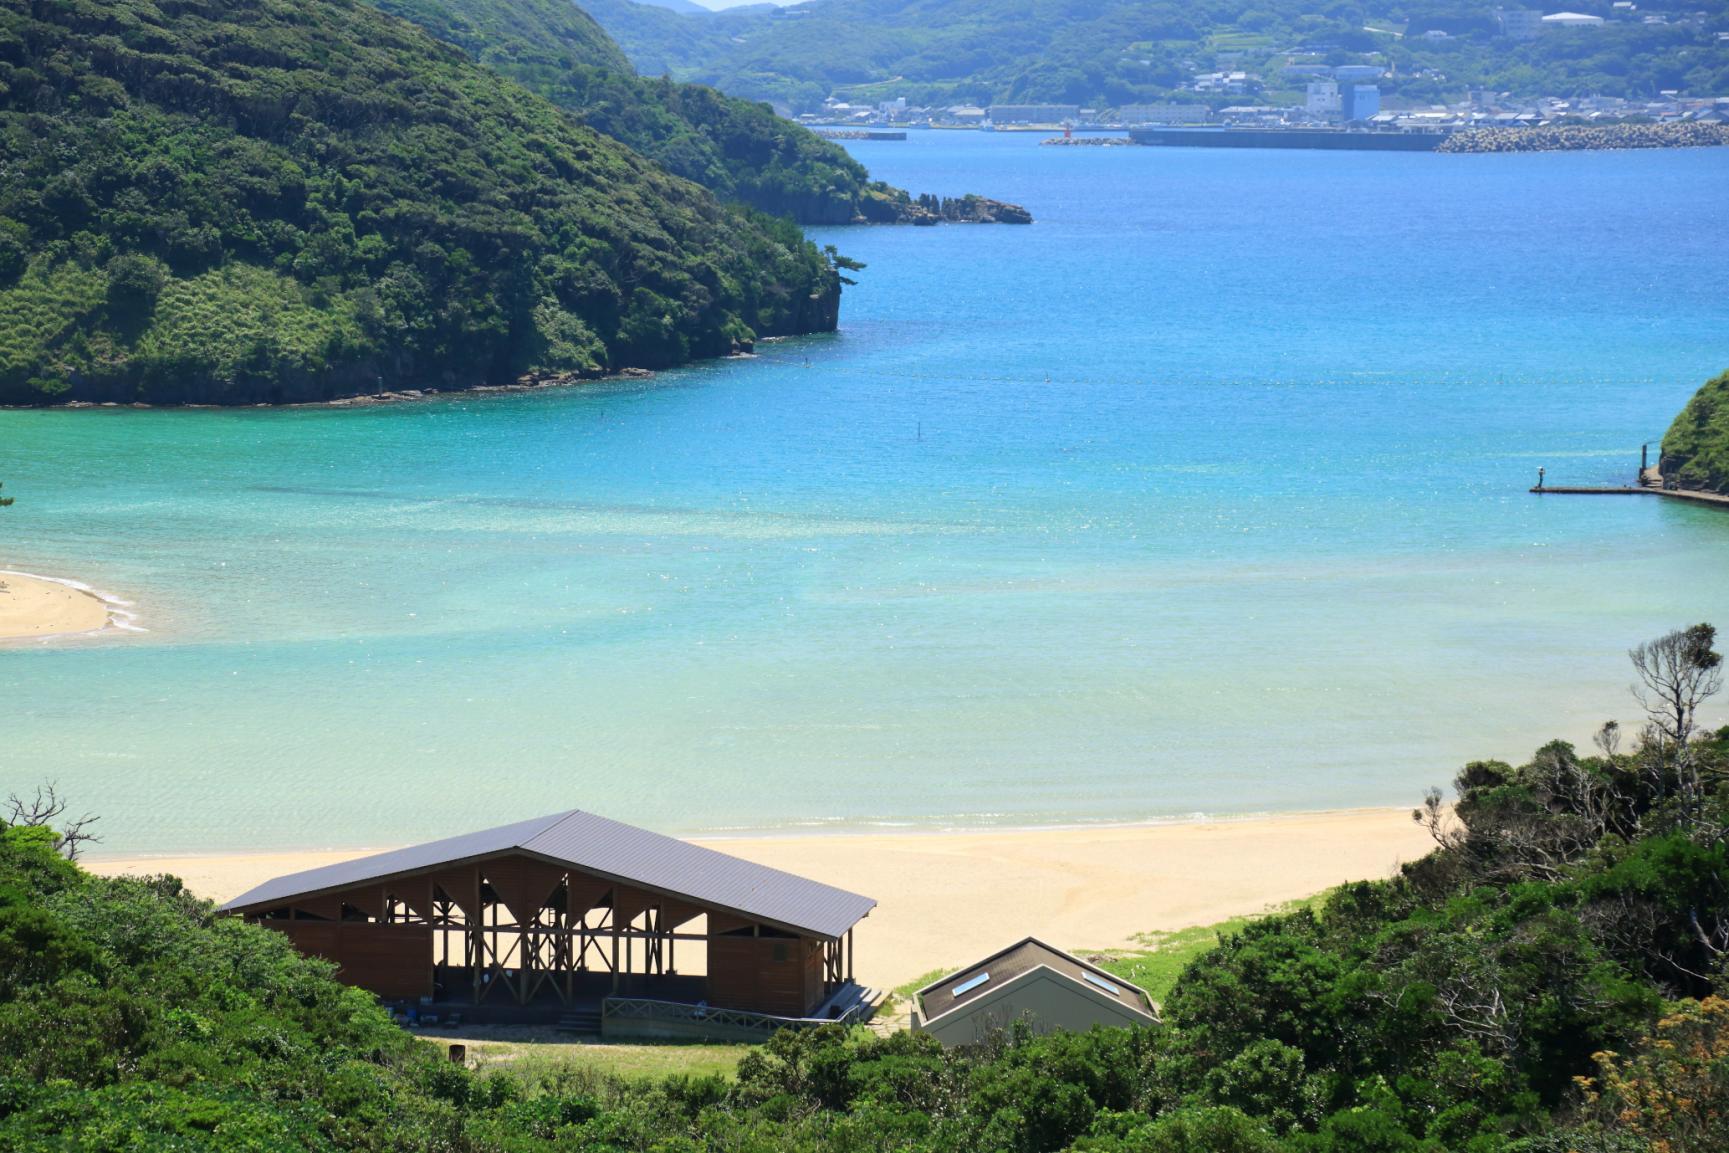 まるで玄界灘の宝石箱!広大な絶景ビーチでゆったり海水浴を-1